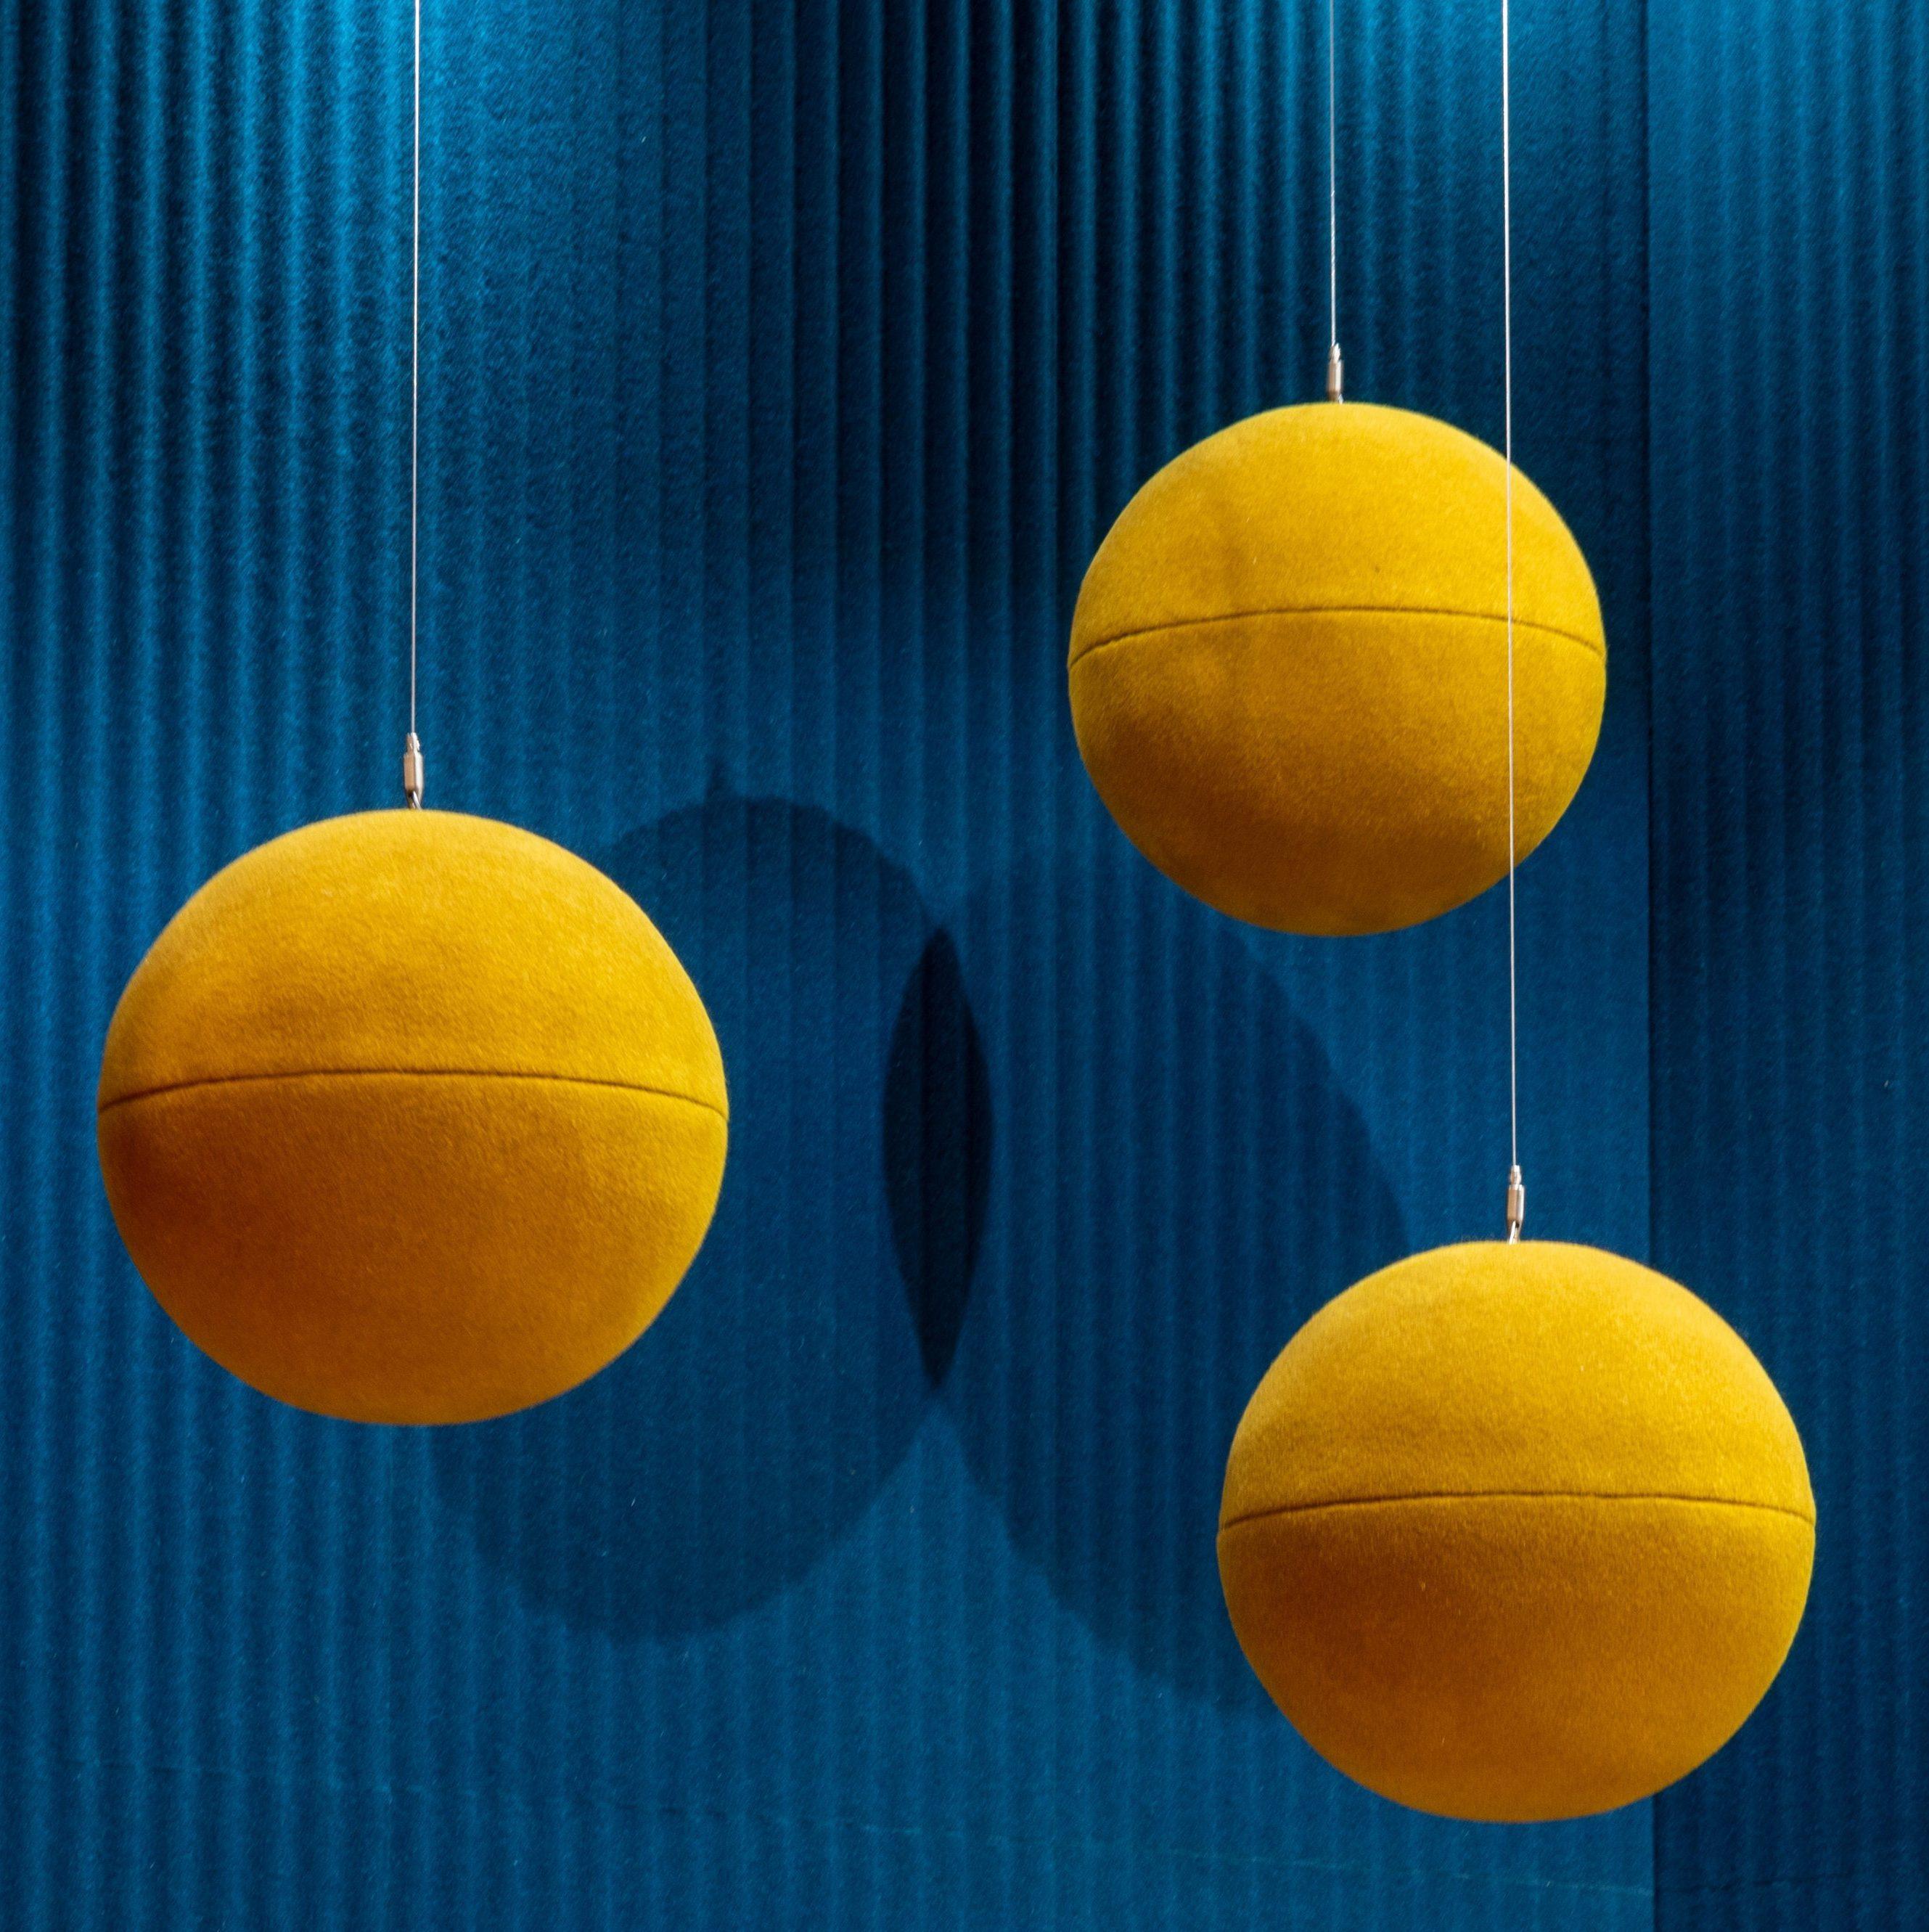 sphere aan het plafond